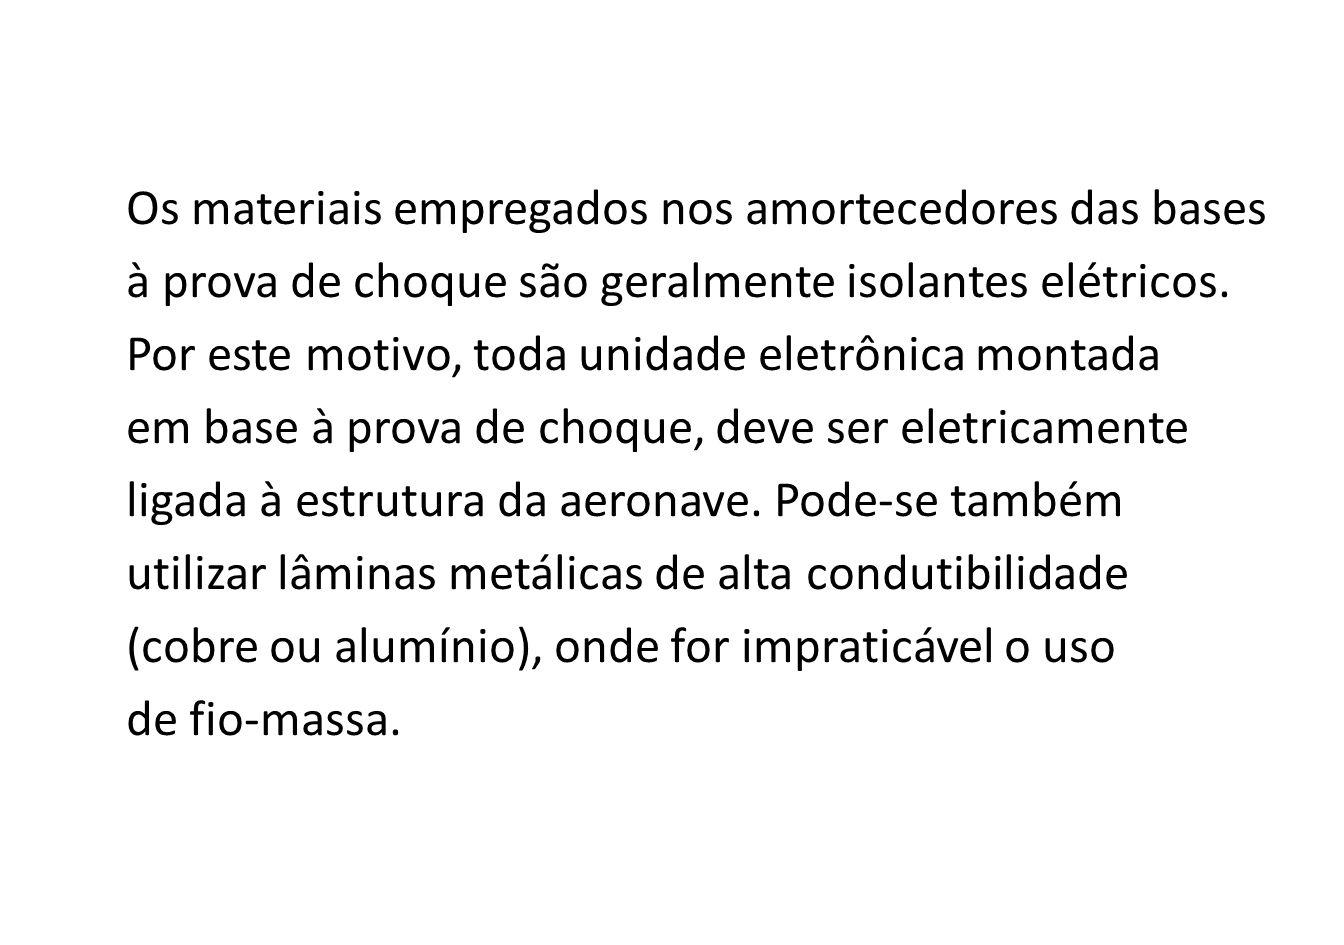 Os materiais empregados nos amortecedores das bases à prova de choque são geralmente isolantes elétricos.